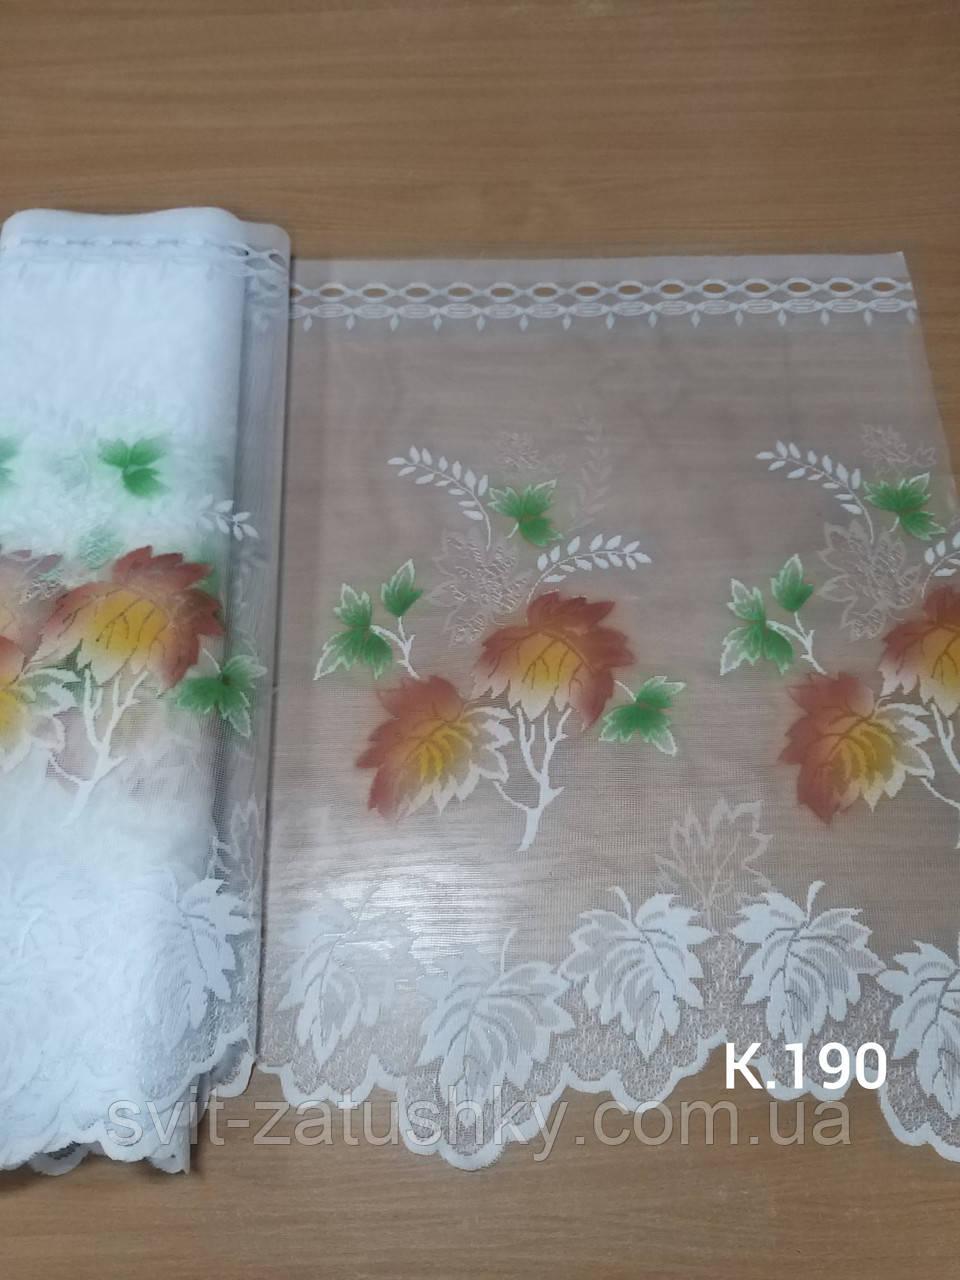 Гардина біла коротка з кольоровим візерунком вис. 70 см